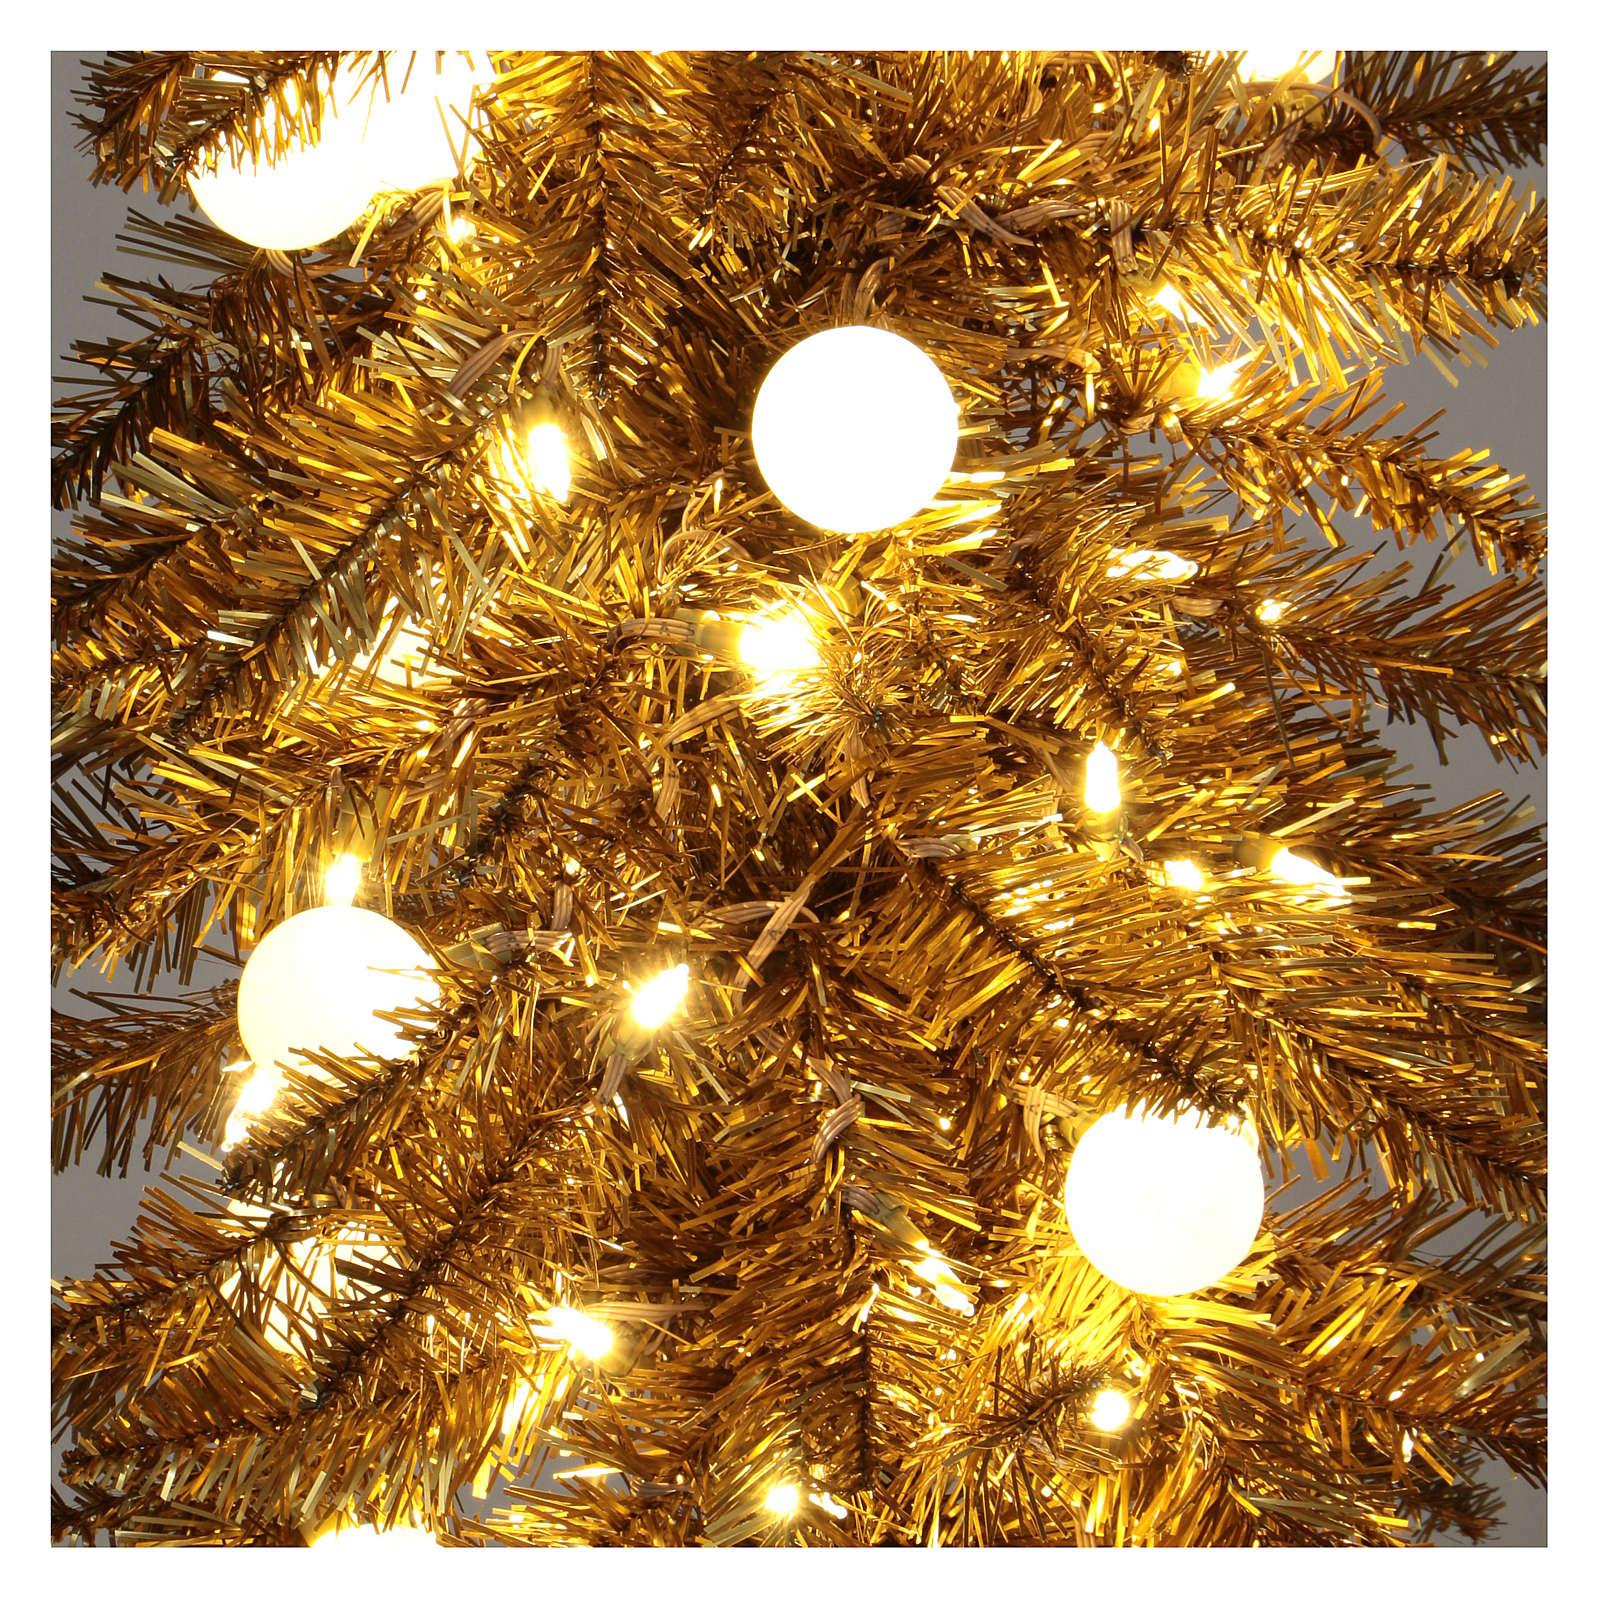 Immagini Natale Oro.Albero Di Natale 180 Cm Fancy Gold Abete Oro Punta Modellabile 300 Eco Led Interno Esterno